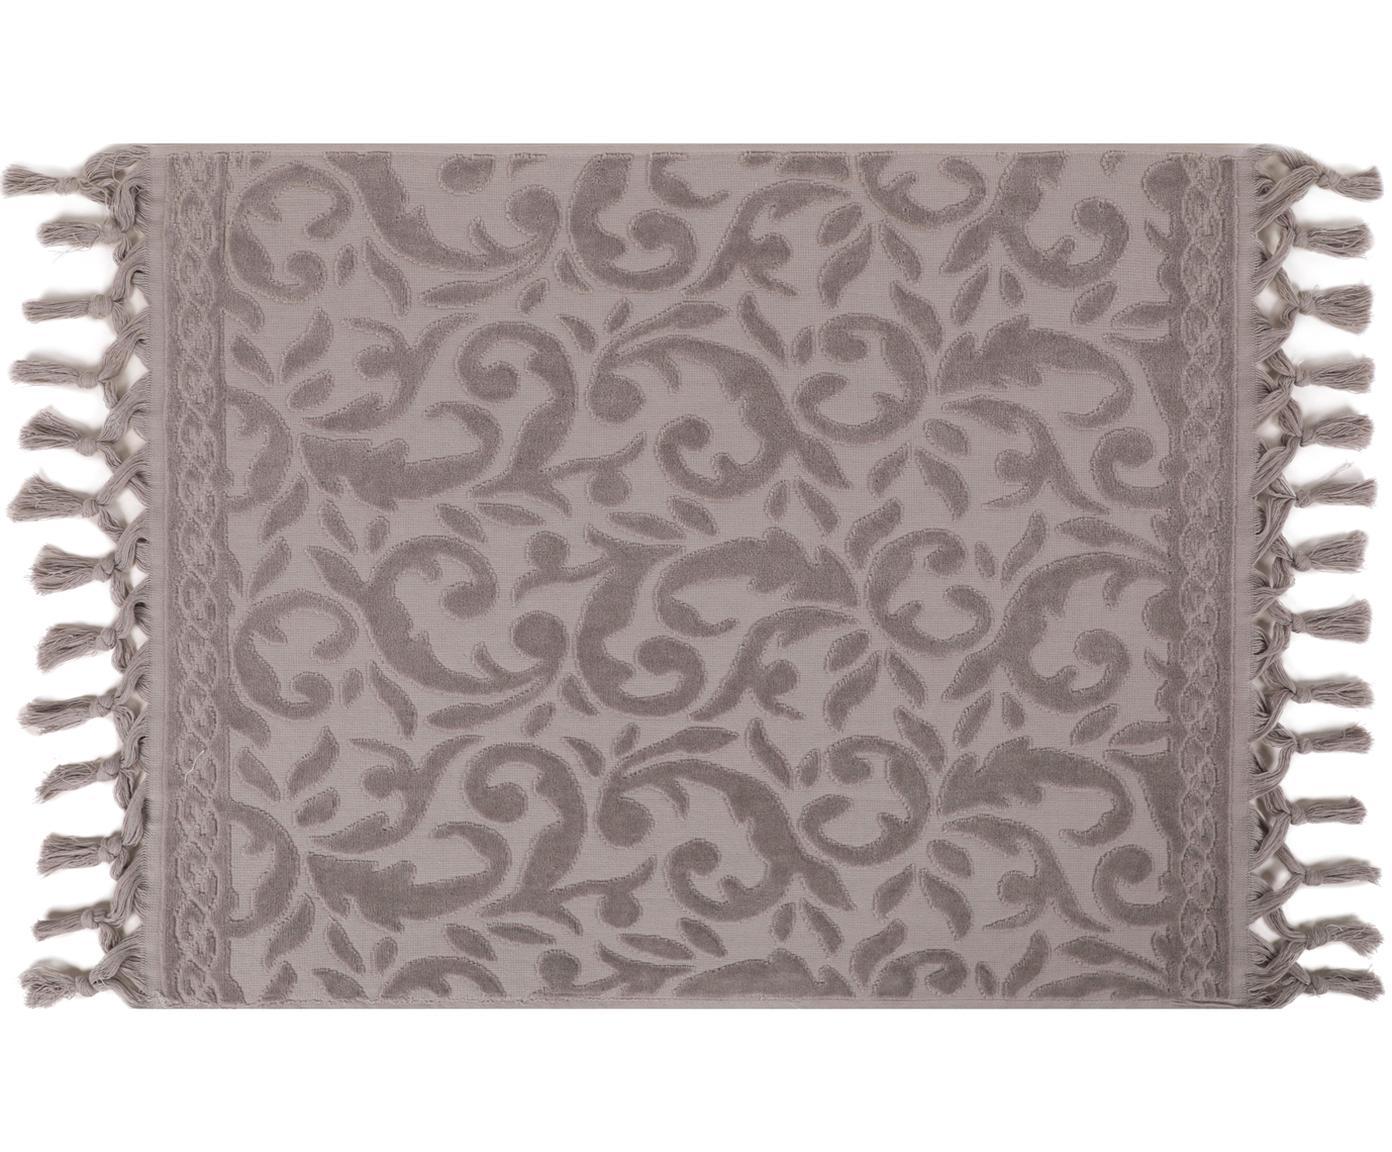 Badmat Caroline met fluwelen paisley patroon, Katoen, Lichtgrijs, 50 x 70 cm